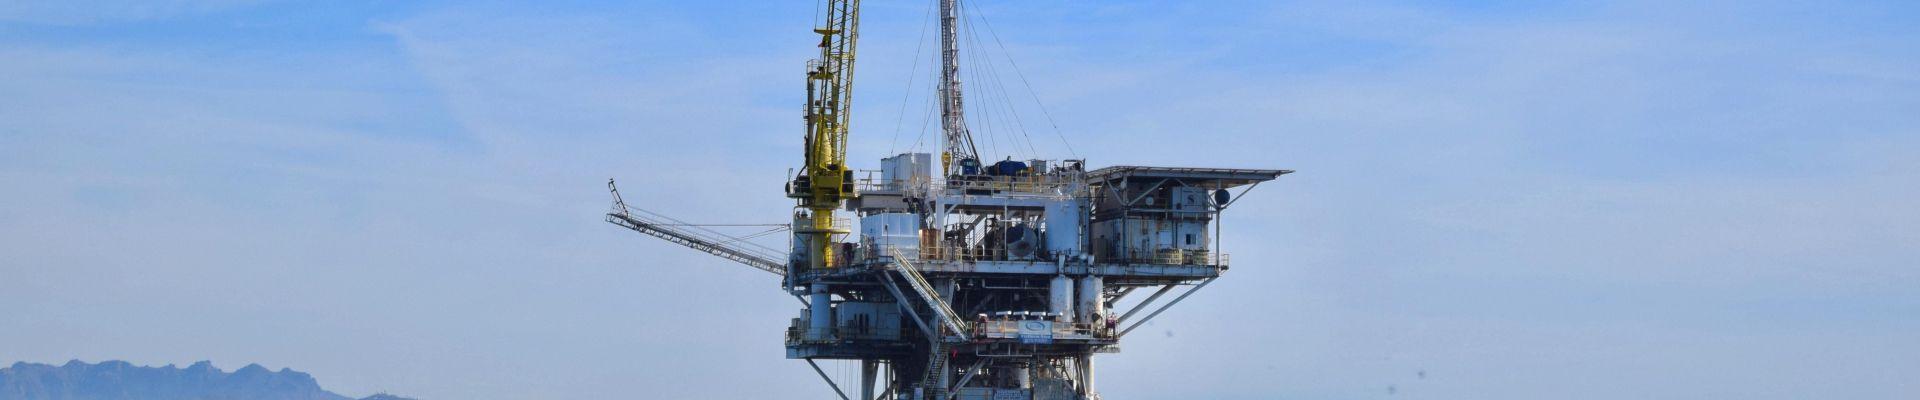 Öl- und Gas-Hochdruck-Hochtemperaturteile (HPHT)